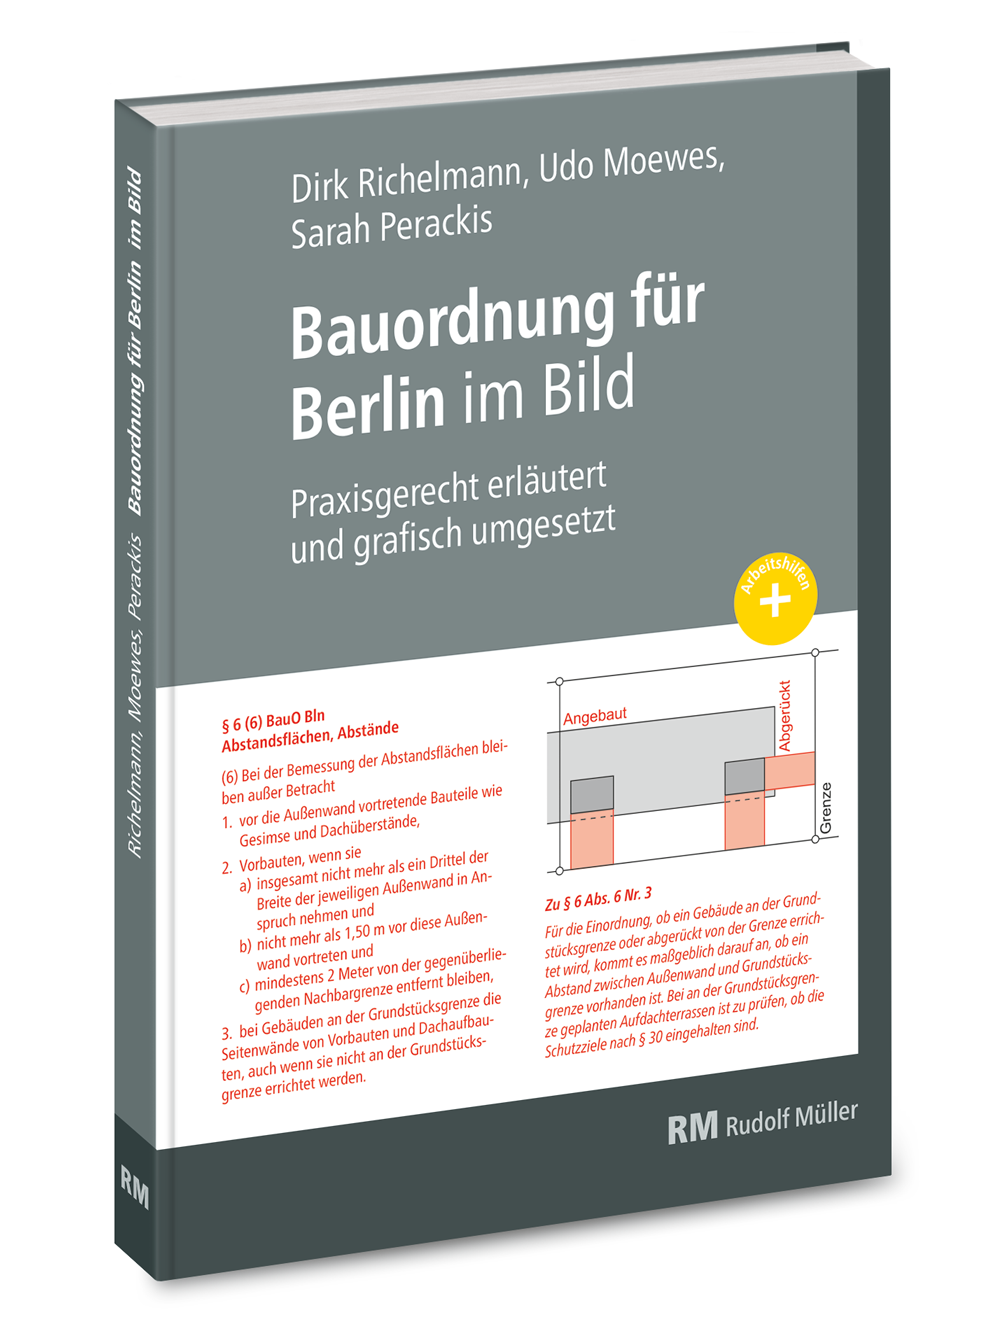 Bauordnung für Berlin im Bild Praxisgerecht erläutert und grafisch umgesetzt